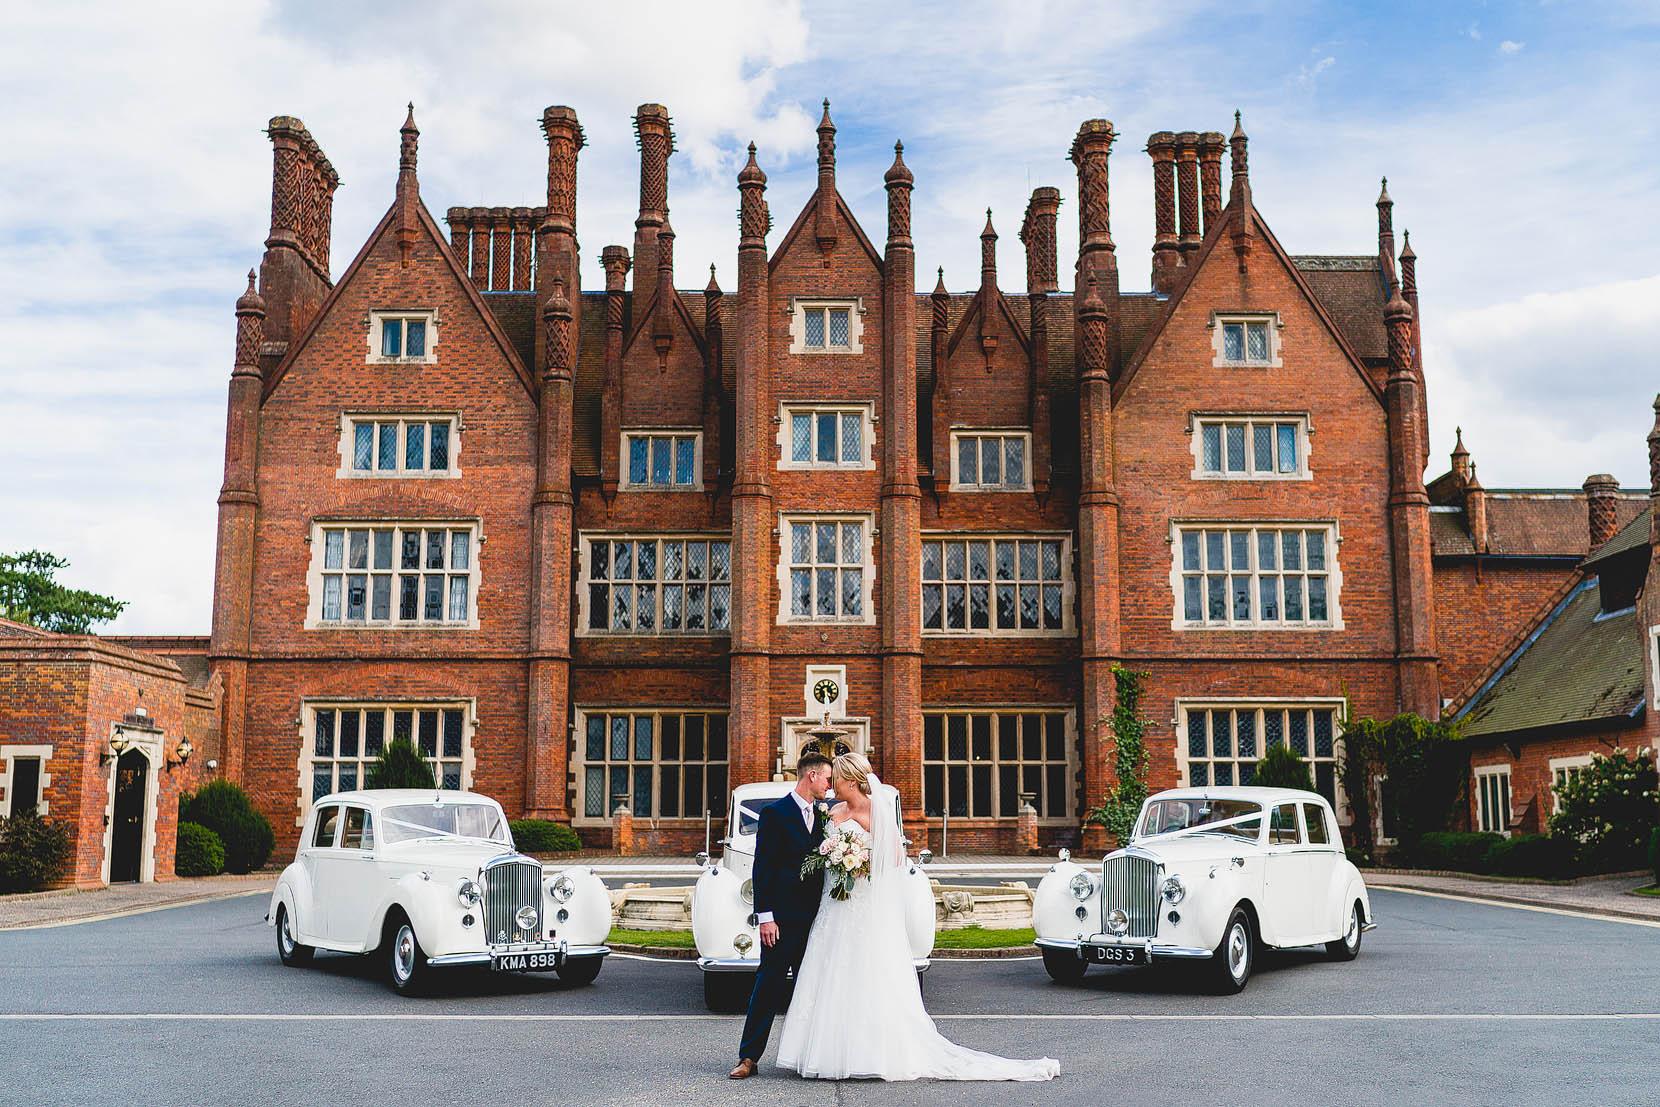 The Dunston Hall Wedding of Nathan and Jade